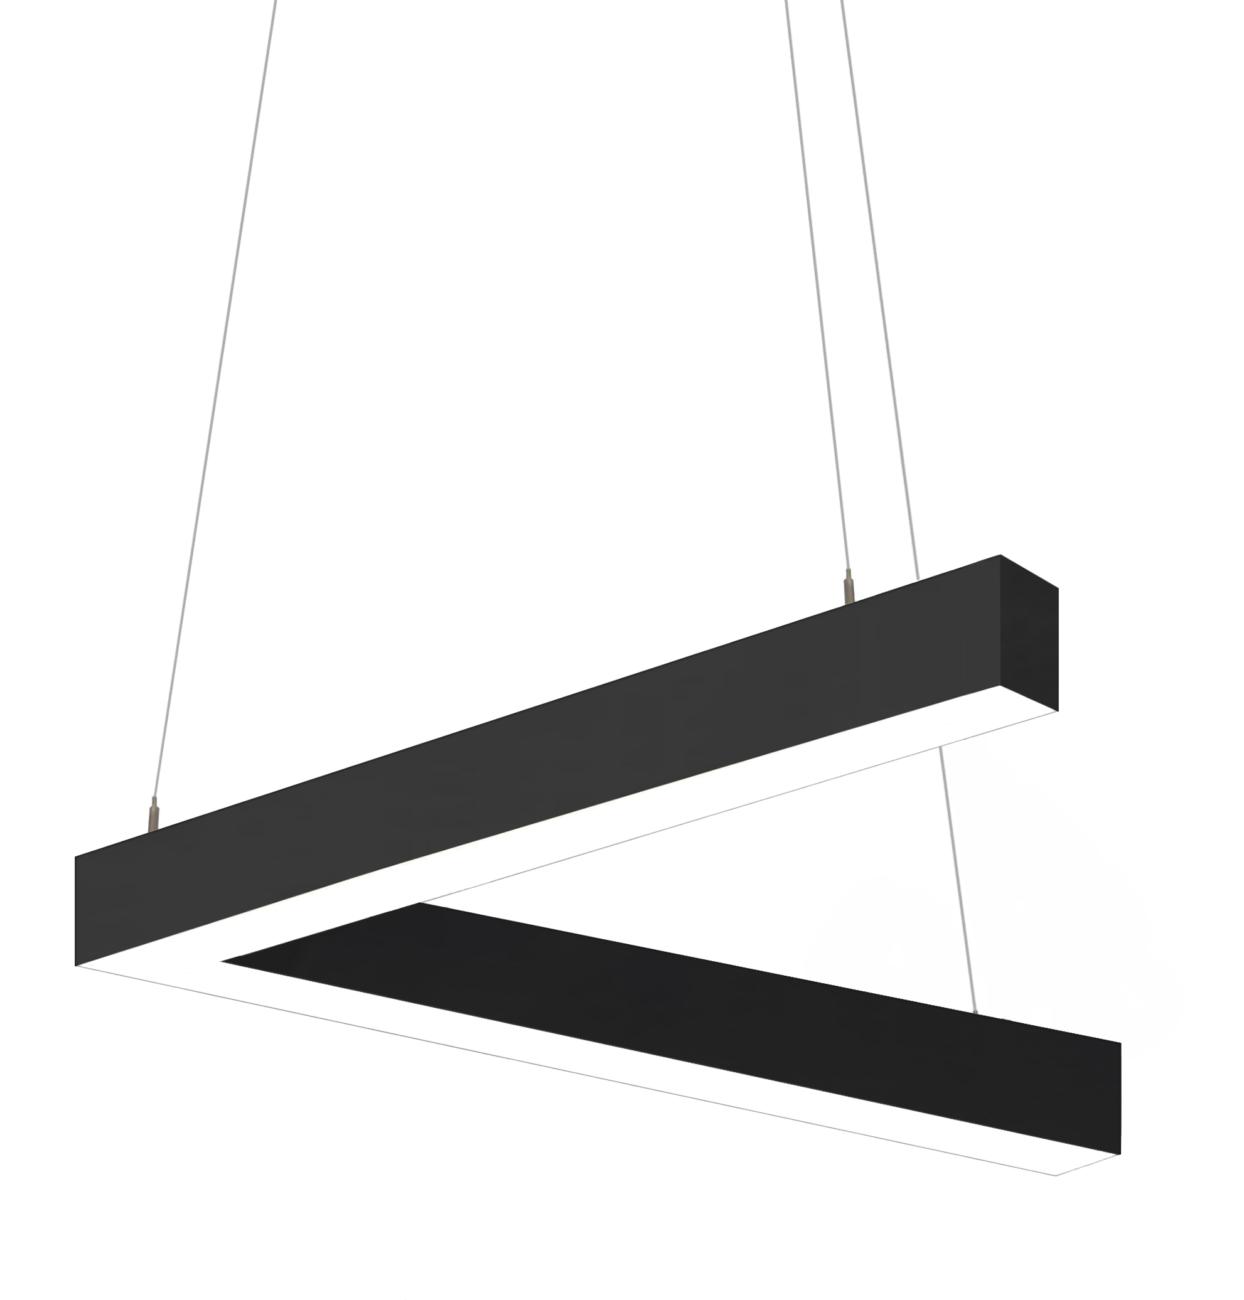 Светильник Style-5070. 500×500мм. 4000К/3000К. 17W/36W купить в Москве